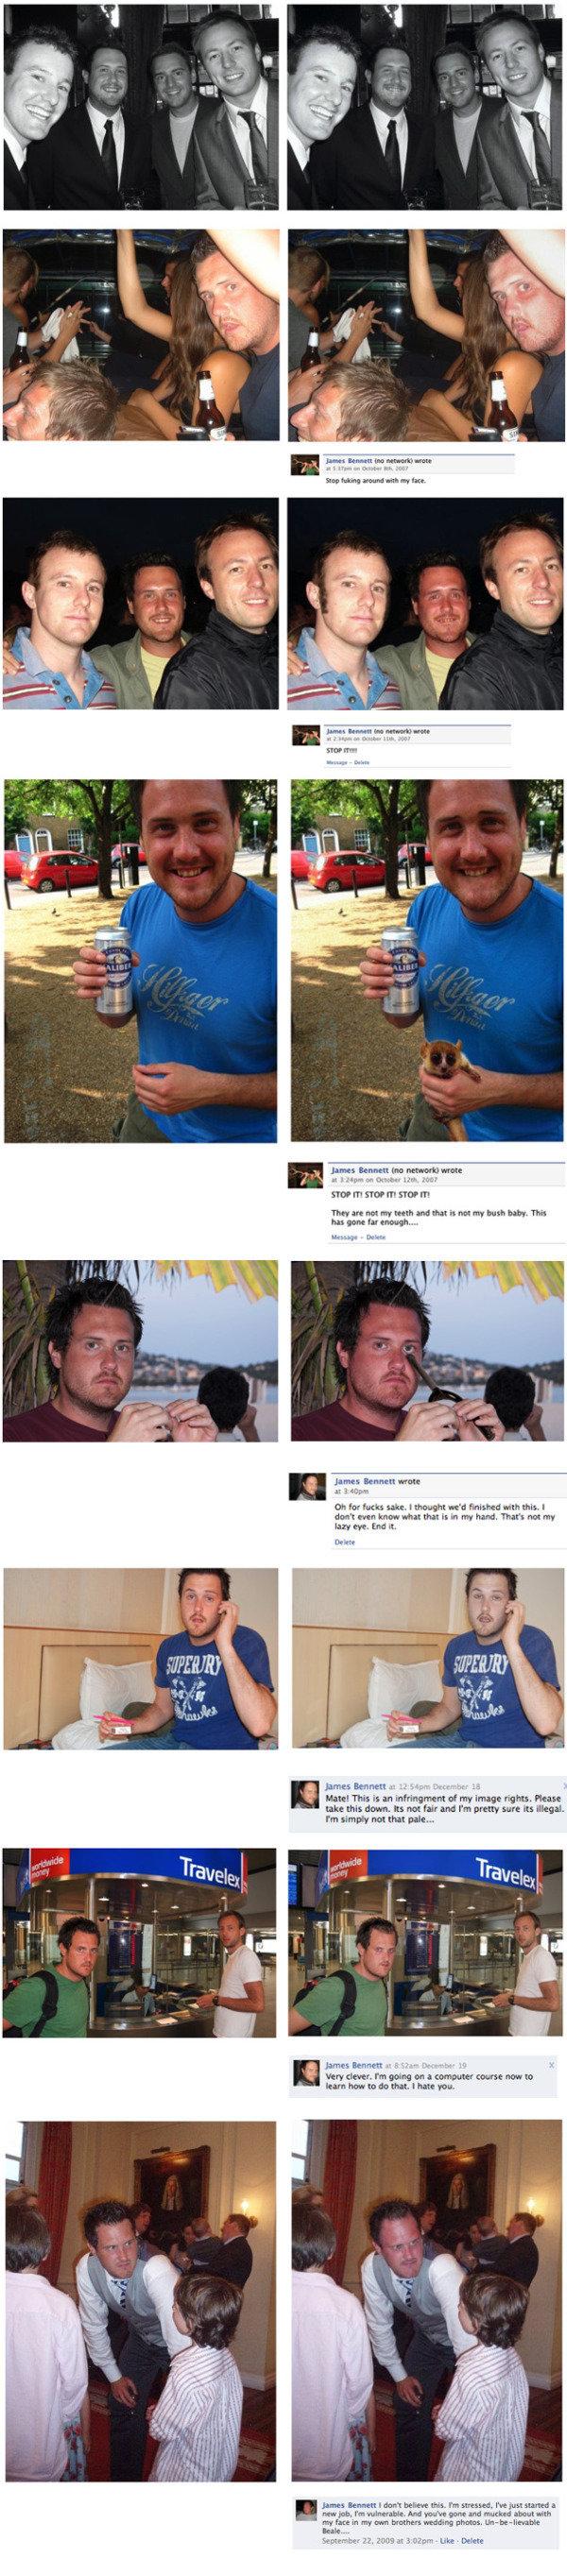 photoshop troll.... . filii) st', Jinn: Thinner! Fared: Hale! TM: is an mm. Pleas: rm :imply not that pain..- P. if tmi photoshop troll filii) st' Jinn: Thinner! Fared: Hale! TM: is an mm Pleas: rm :imply not that pain - P if tmi